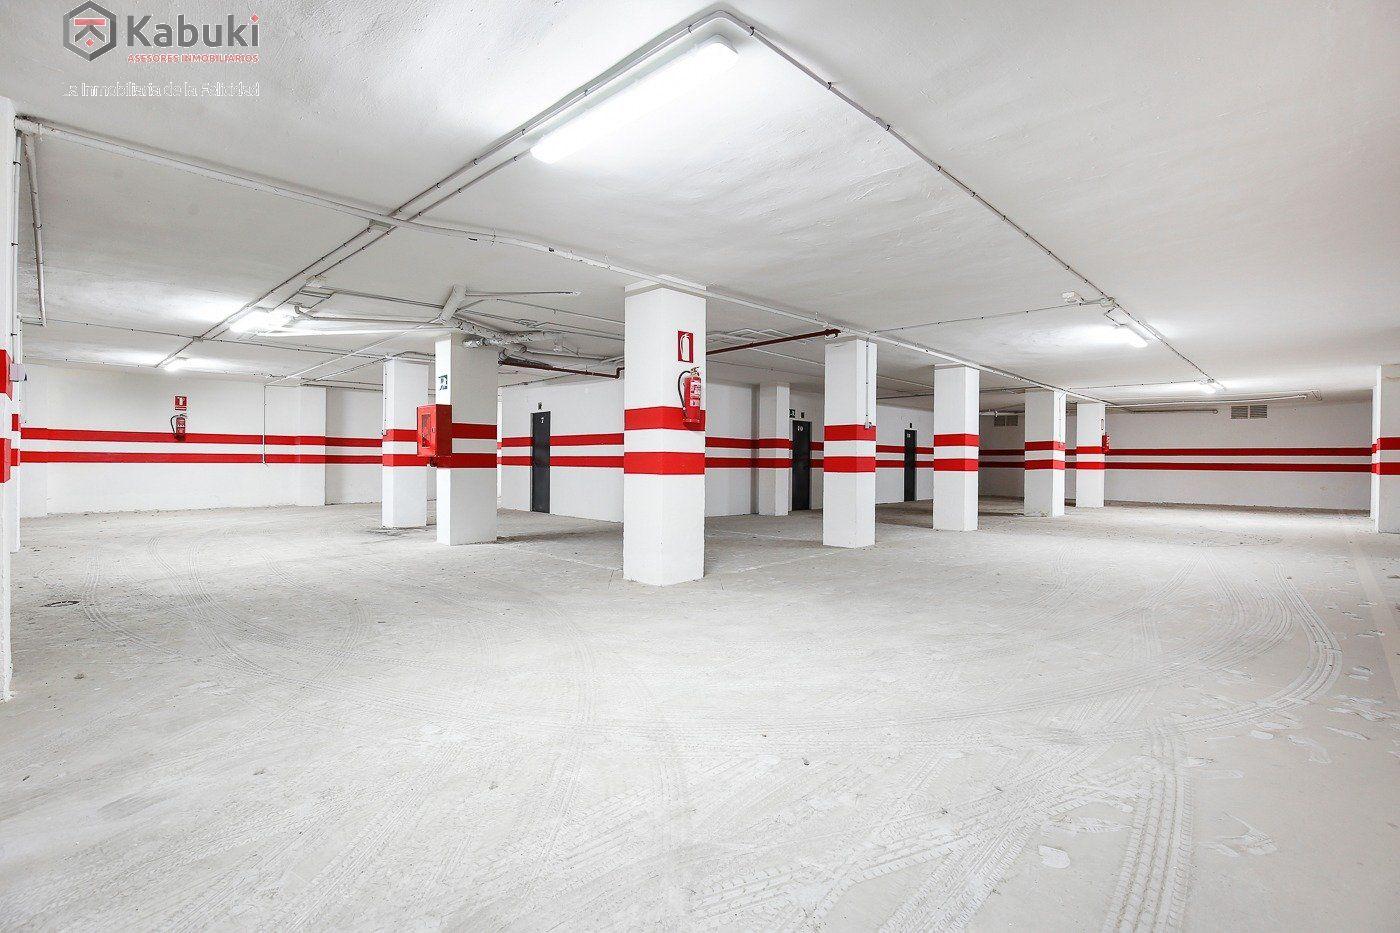 Si estas cansado de dar vueltas con el coche, tenemos fantástica plaza de garaje con trast - imagenInmueble4